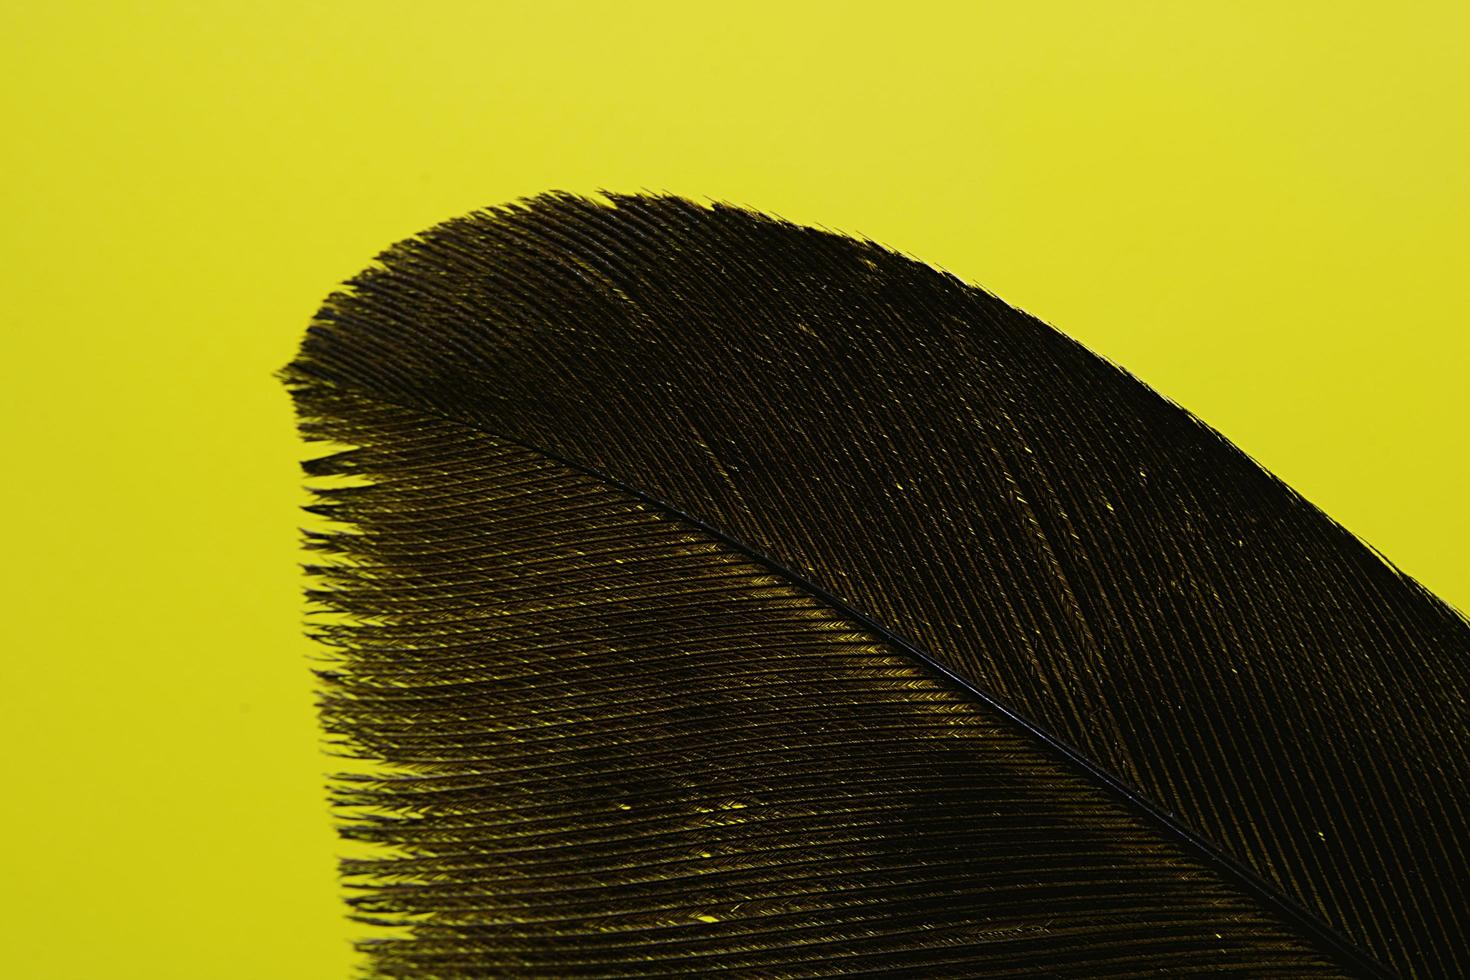 piuma nera su sfondo giallo foto